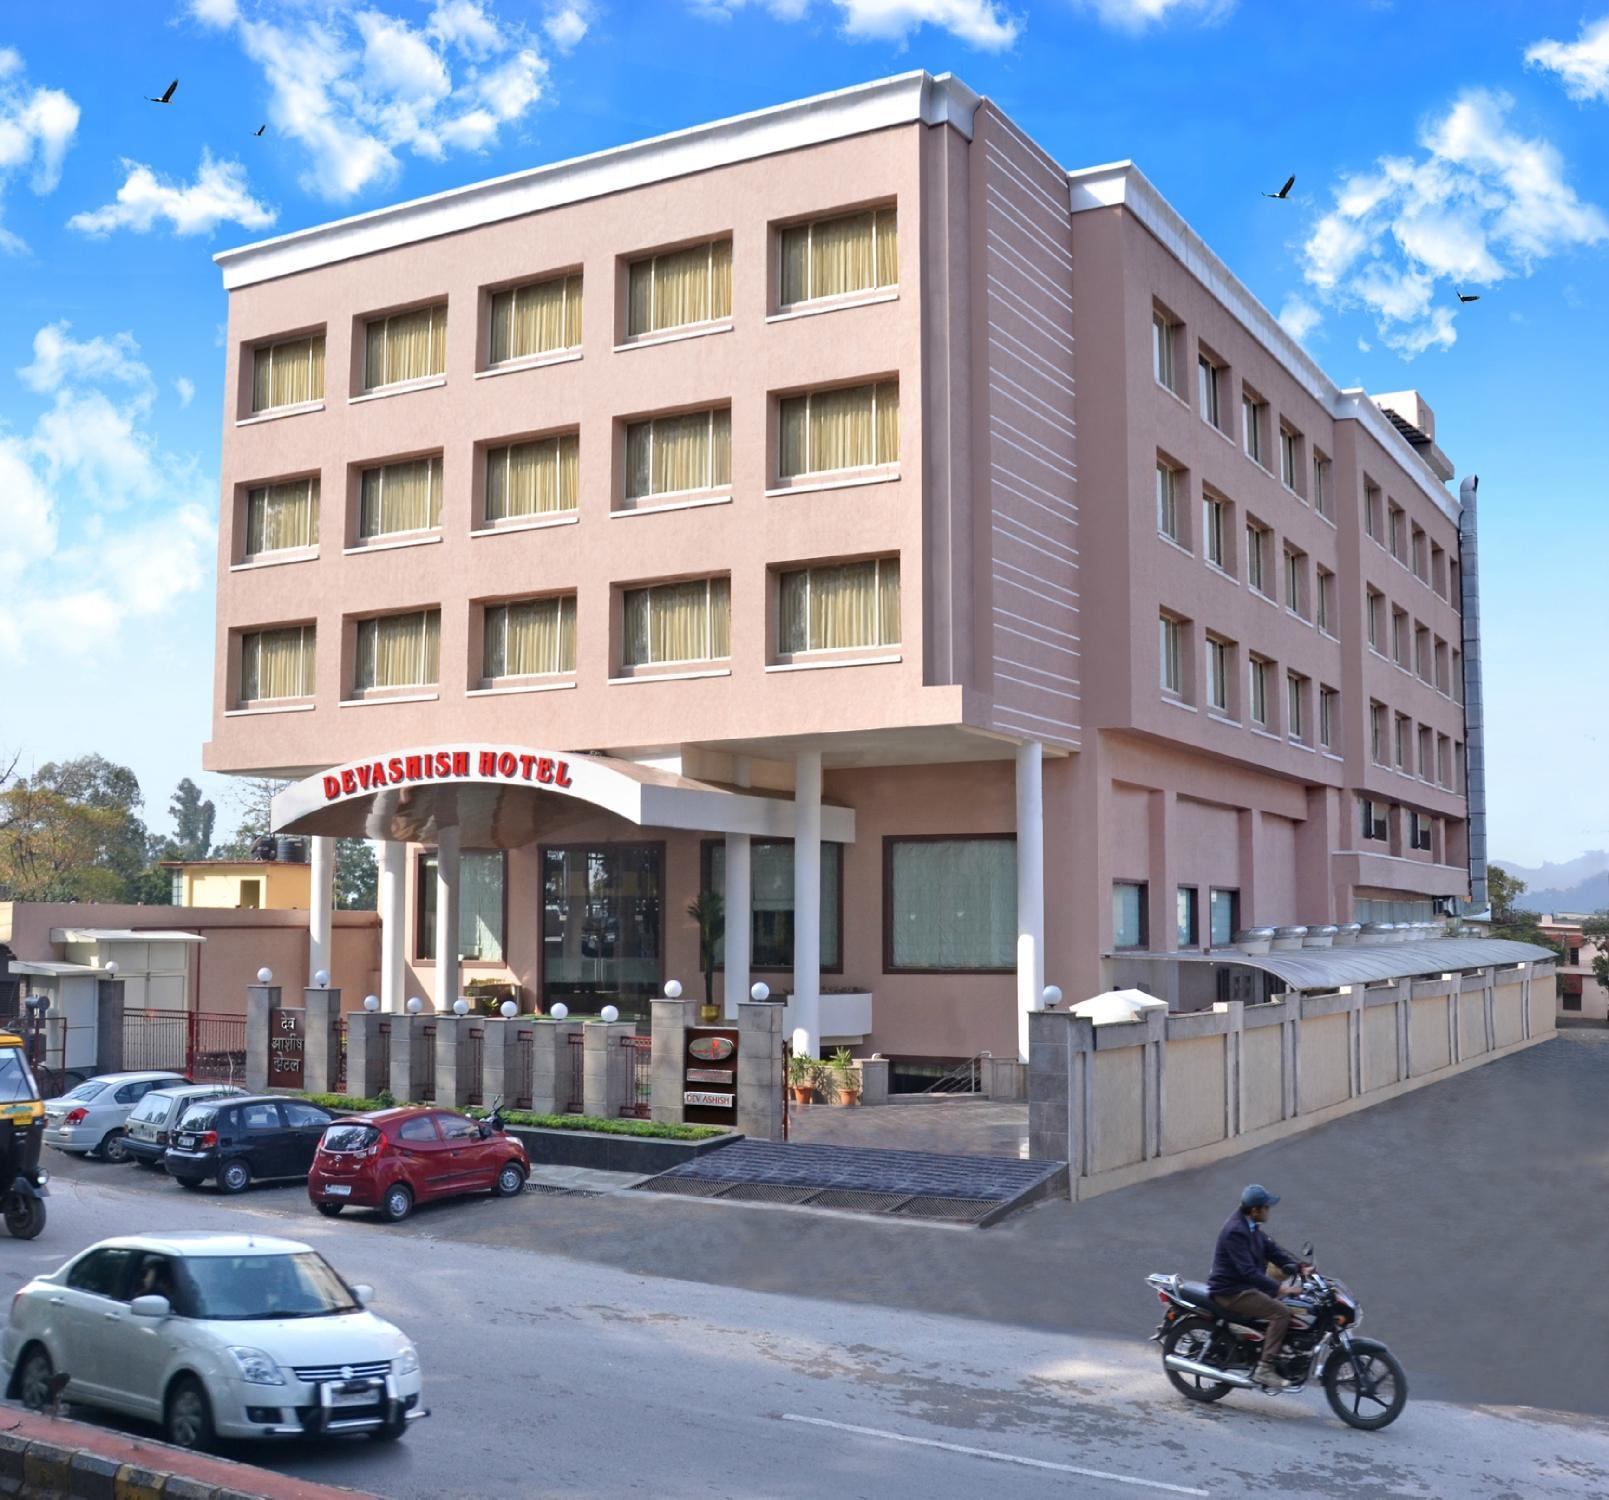 Devashish Hotel